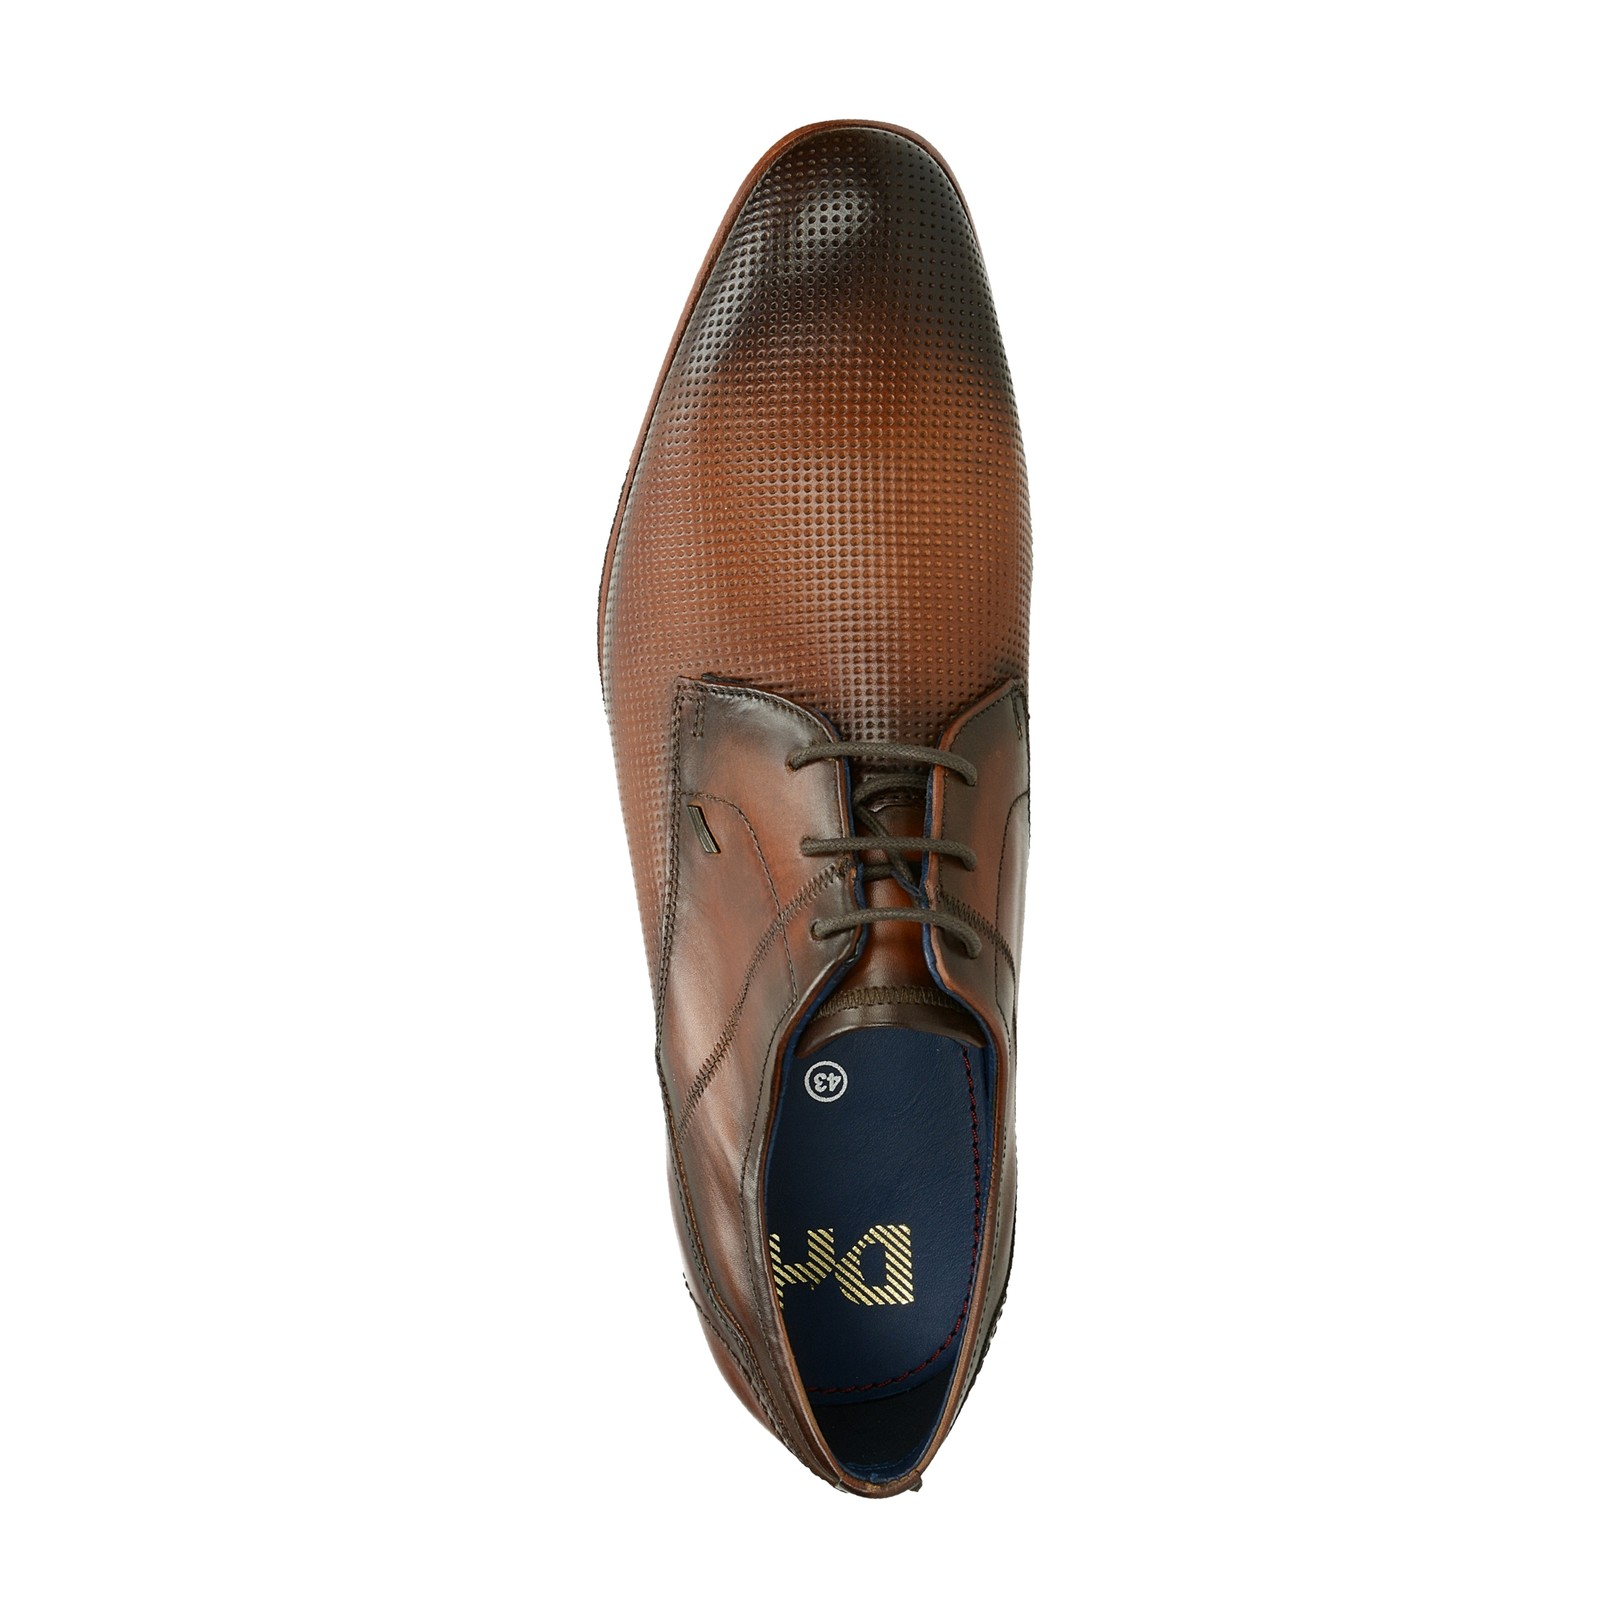 9a55eceef9f1 Daniel Hechter pánske spoločenské kožené topánky - koňakové ...